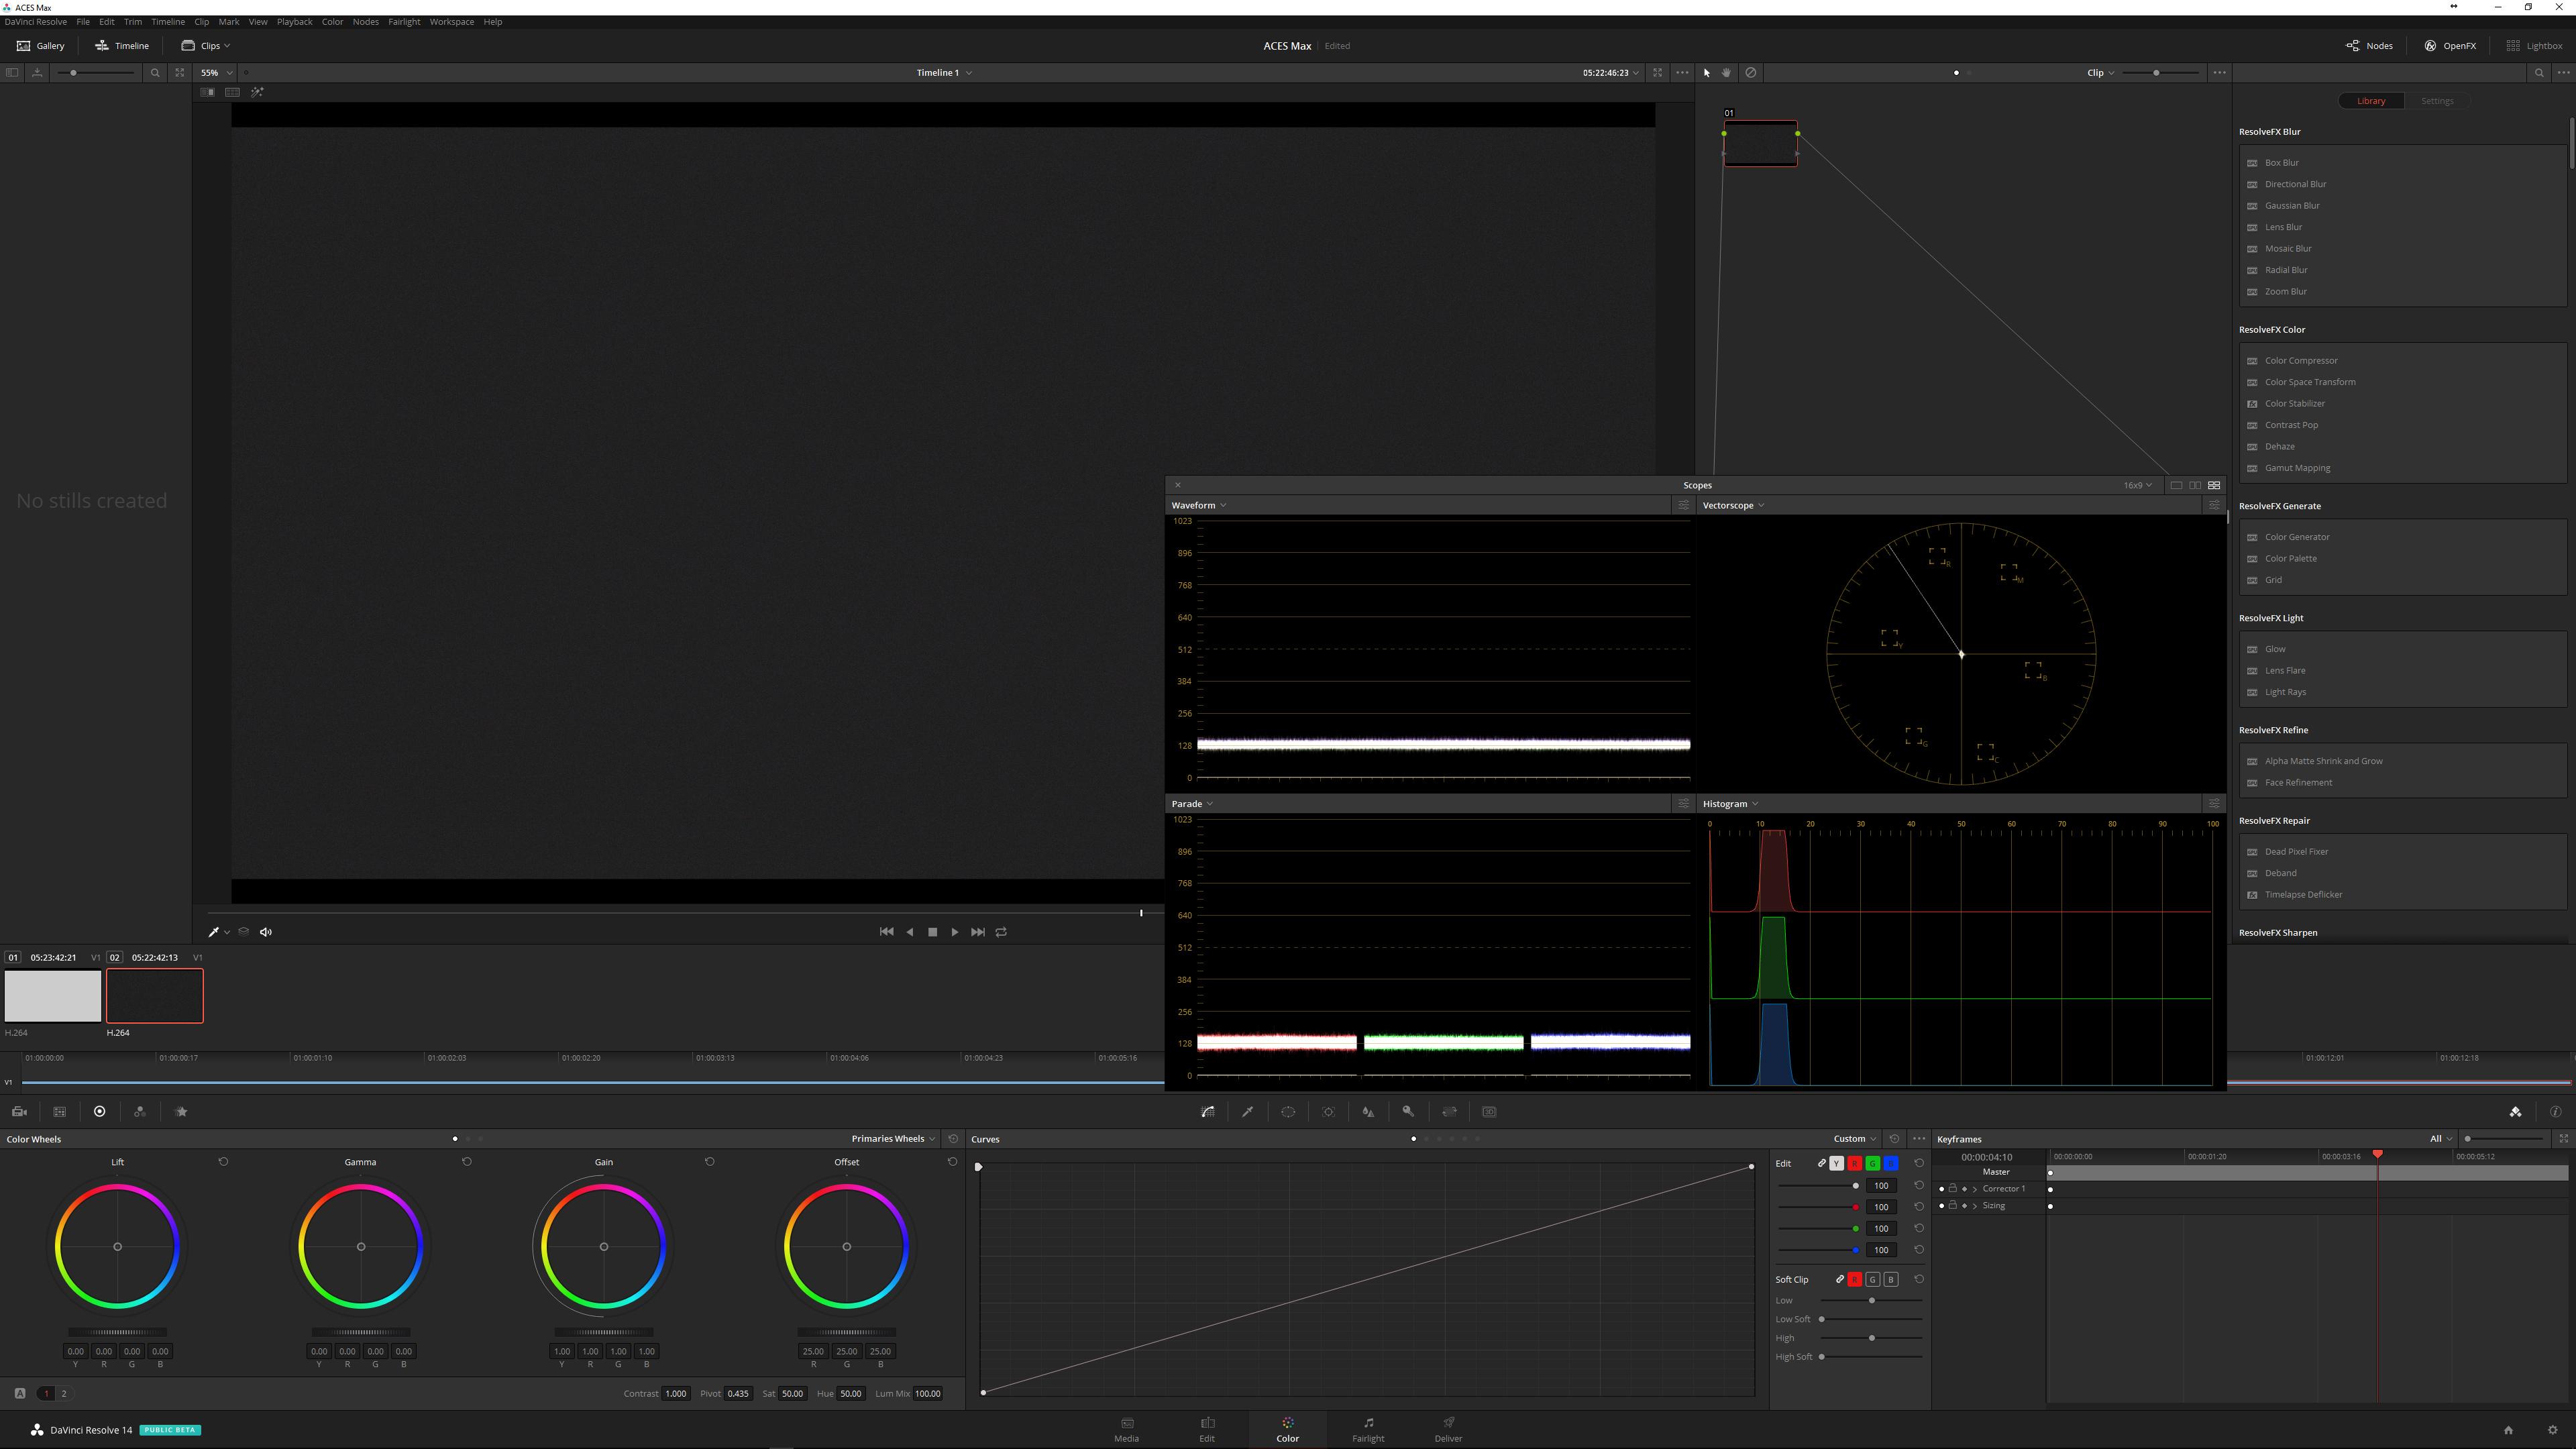 GH5 Waveform Display Calibration in VLog at DVinfo net